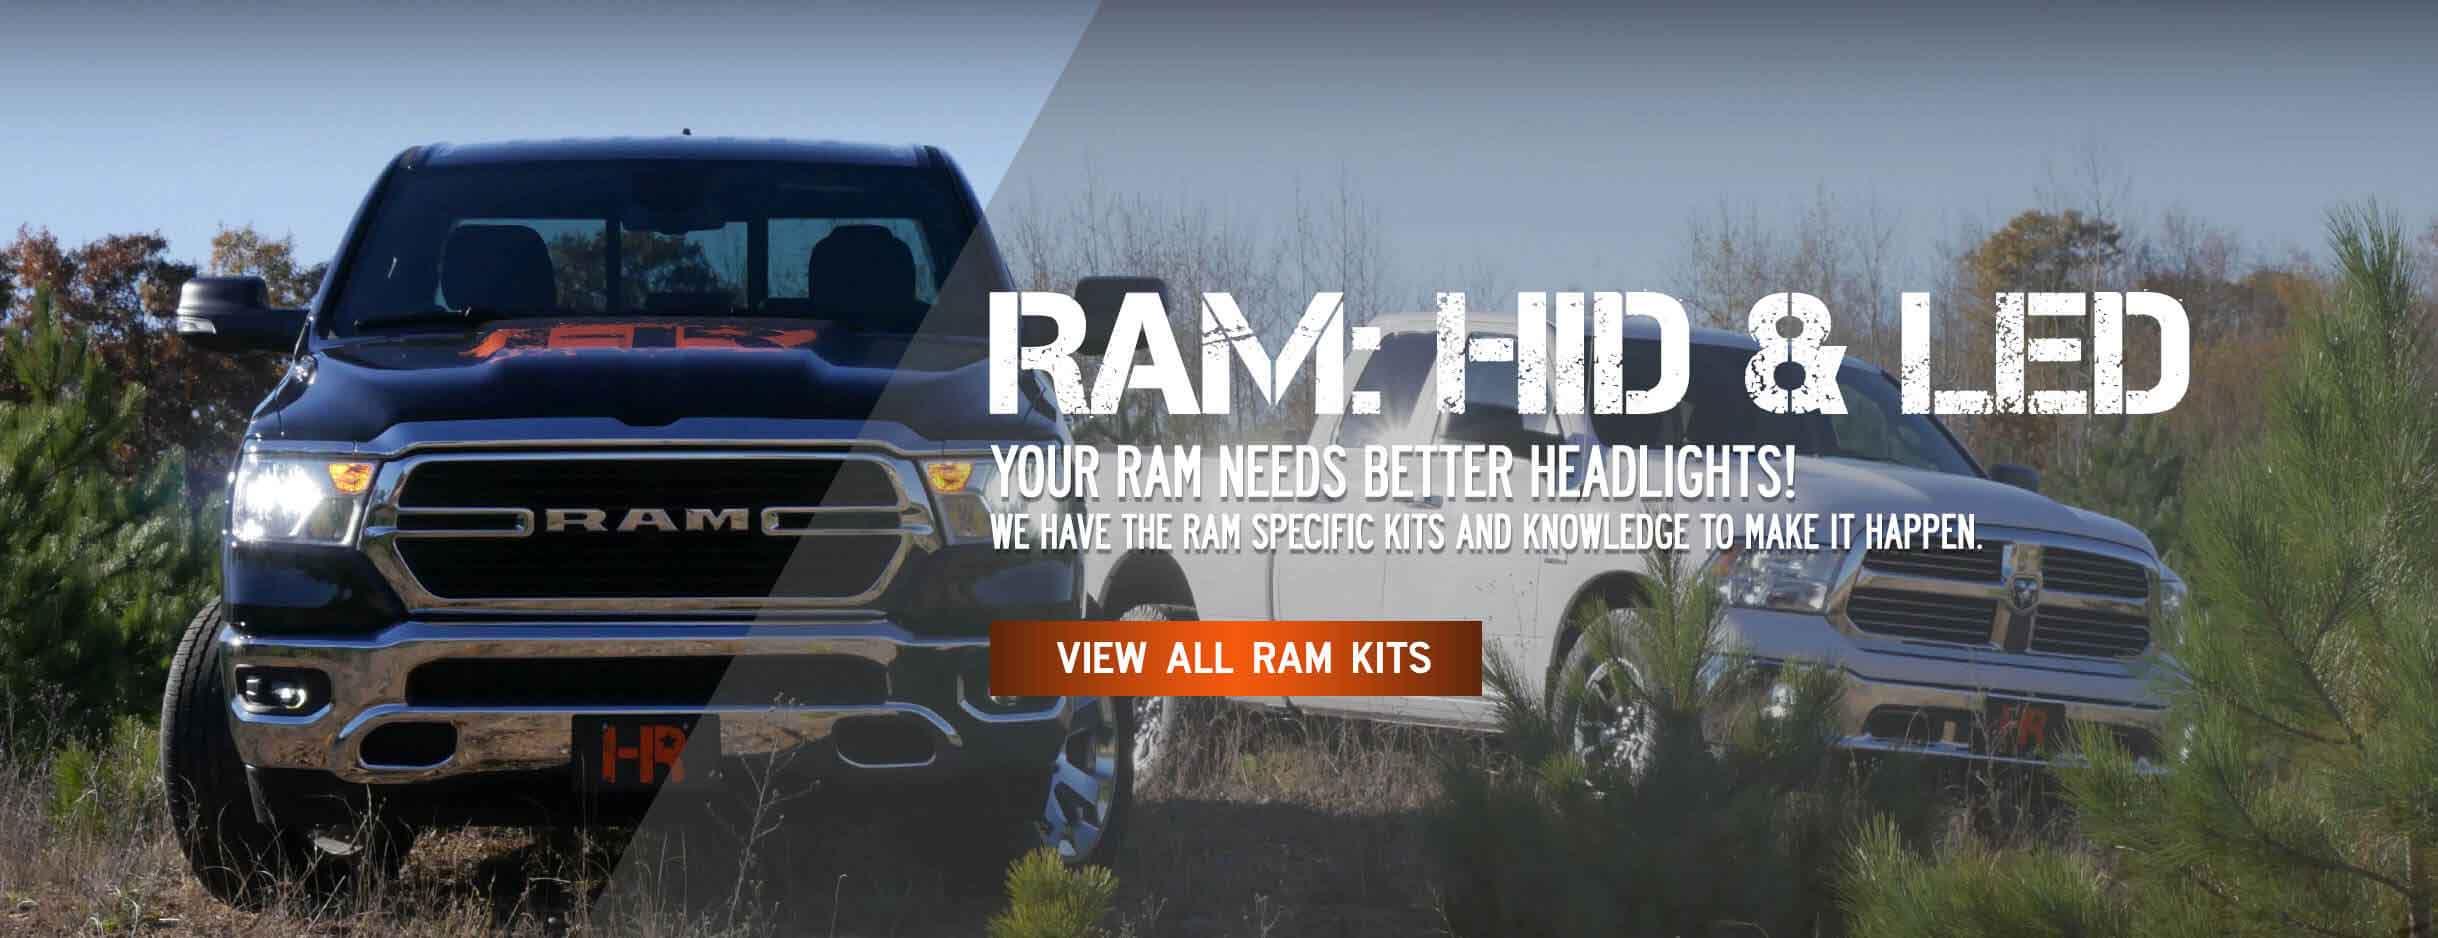 Ram Headlight Upgrades